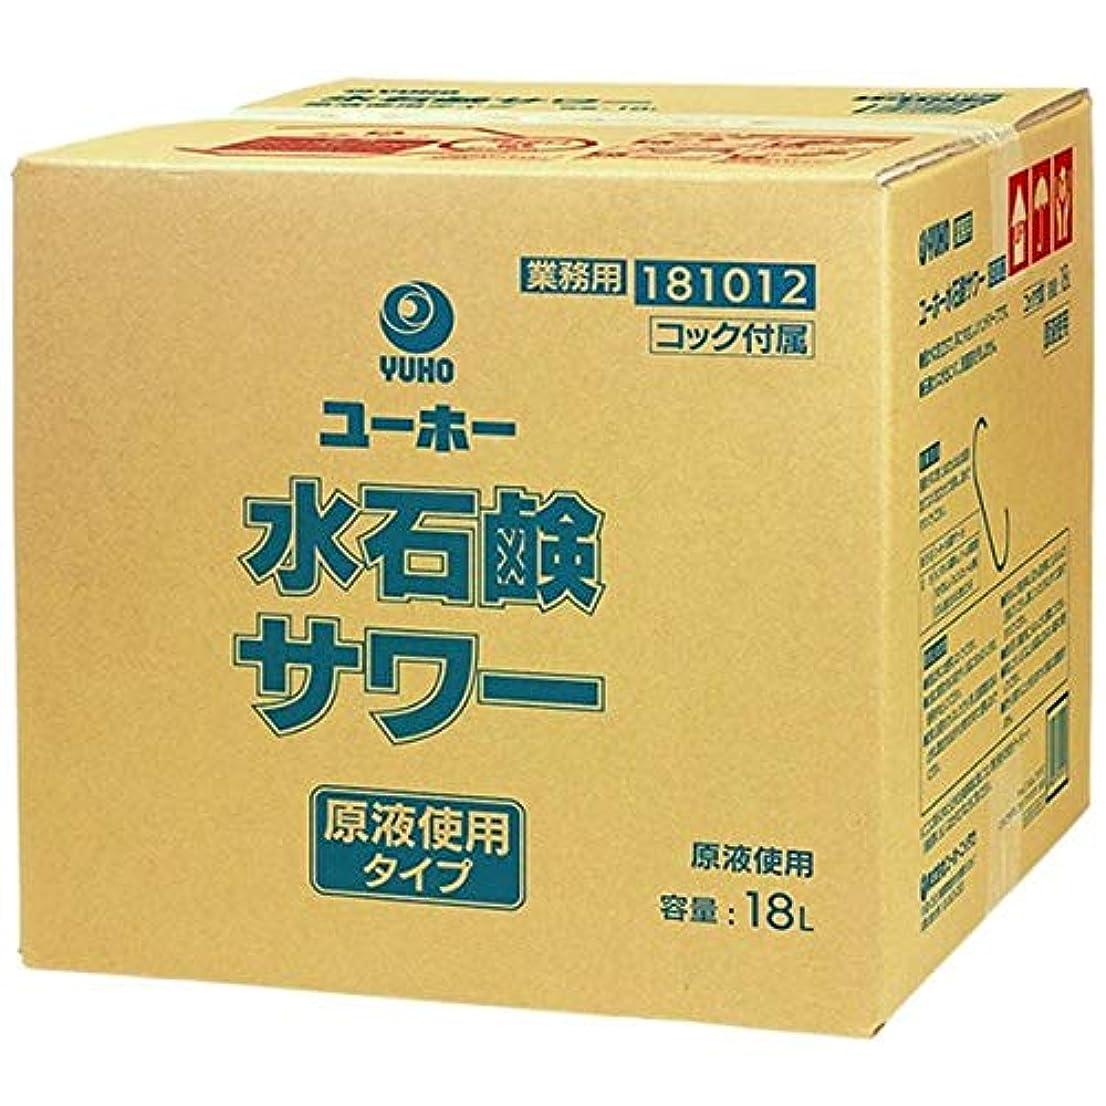 妖精滴下懐業務用 ハンドソープ 水石鹸サワー 原液タイプ 18L 181011 (希釈しないで使用できる原液タイプのハンドソープ)